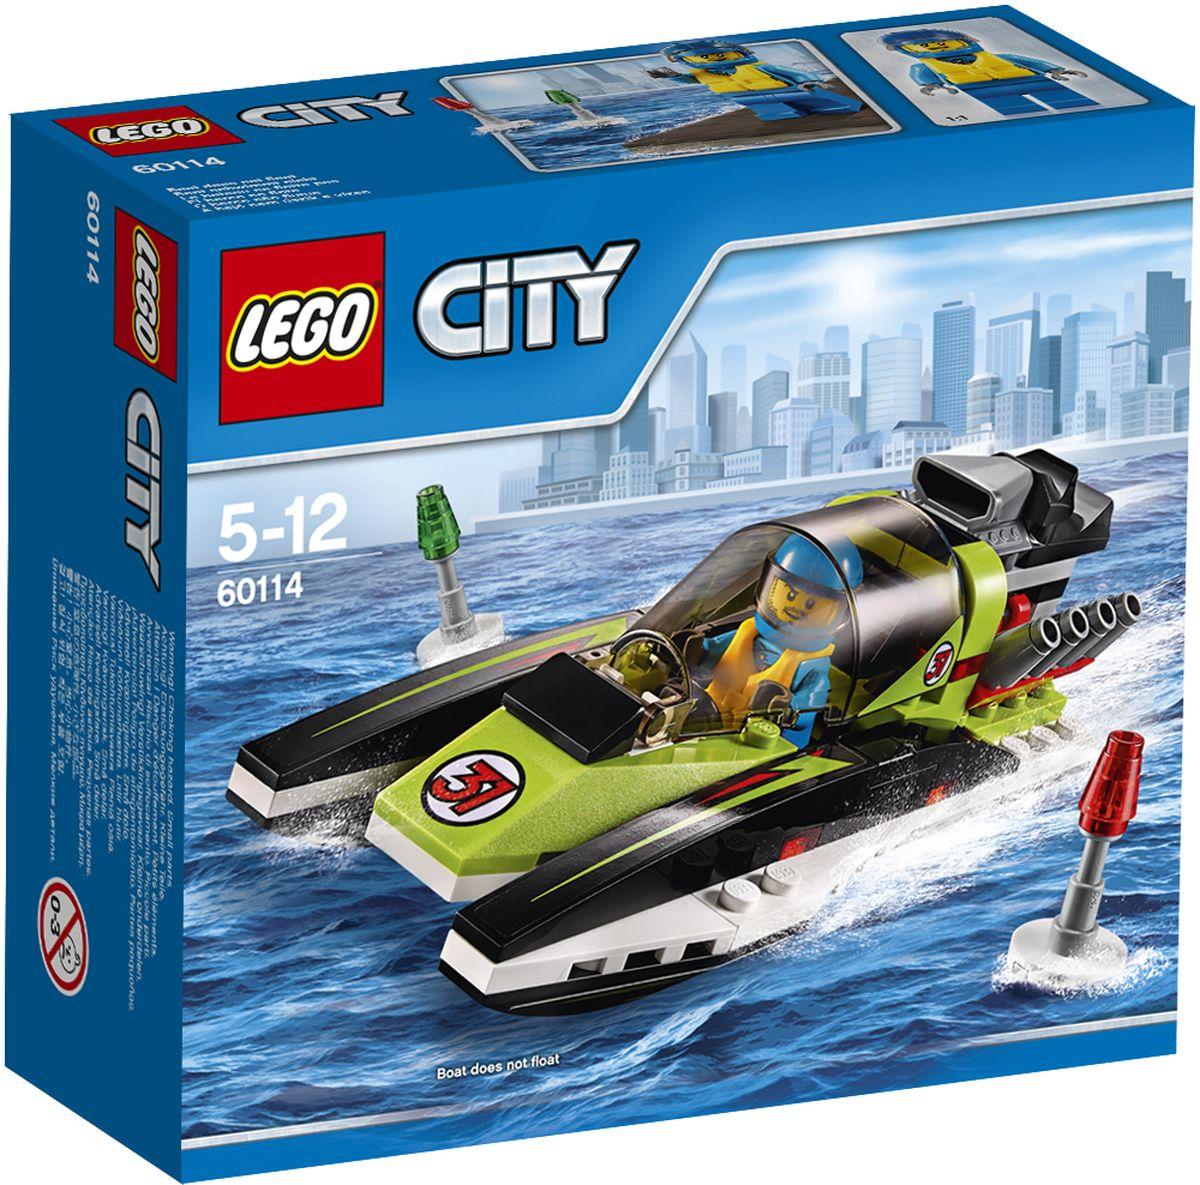 LEGO City Конструктор Гоночный катер 6011460114Конструктор Lego City Гоночный катер  приведет в восторг любого ребенка, ведь все дети обожают знаменитые конструкторы Lego. Конструктор содержит 95 пластиковых элементов, с помощью которых малыш сможет собрать небольшую сценку из жизни Города Lego. Заводи мотор гоночного катера и готовься к большой гонке. Мчись по воде как можно быстрее, но следи за тем, чтобы не вылететь за буйки. Гони к победе в Lego City! В комплект входят фигурка капитана, элементы для сборки гоночного катера, а также дополнительные аксессуары, которые разнообразят игру. Игры с конструкторами помогут ребенку развить воображение, внимательность, пространственное мышление и творческие способности. Такой конструктор надолго займет внимание малыша и непременно станет его любимой игрушкой.